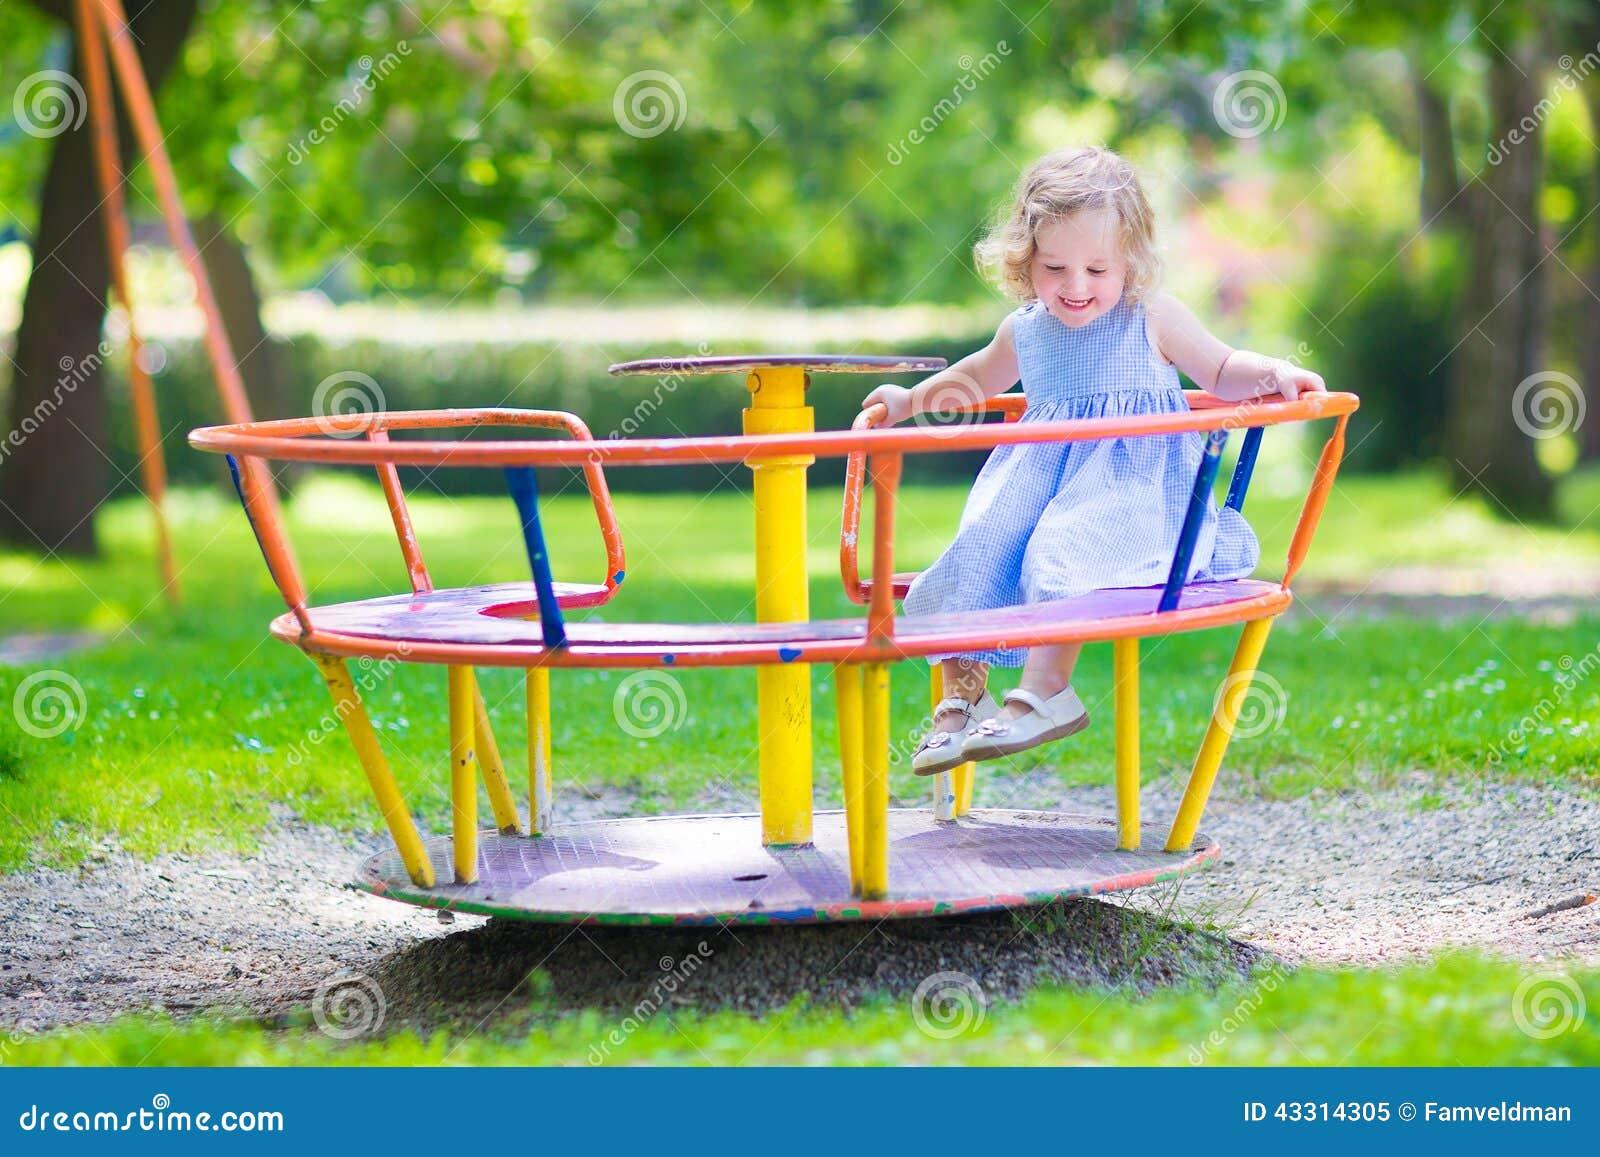 Meisje op een speelplaats